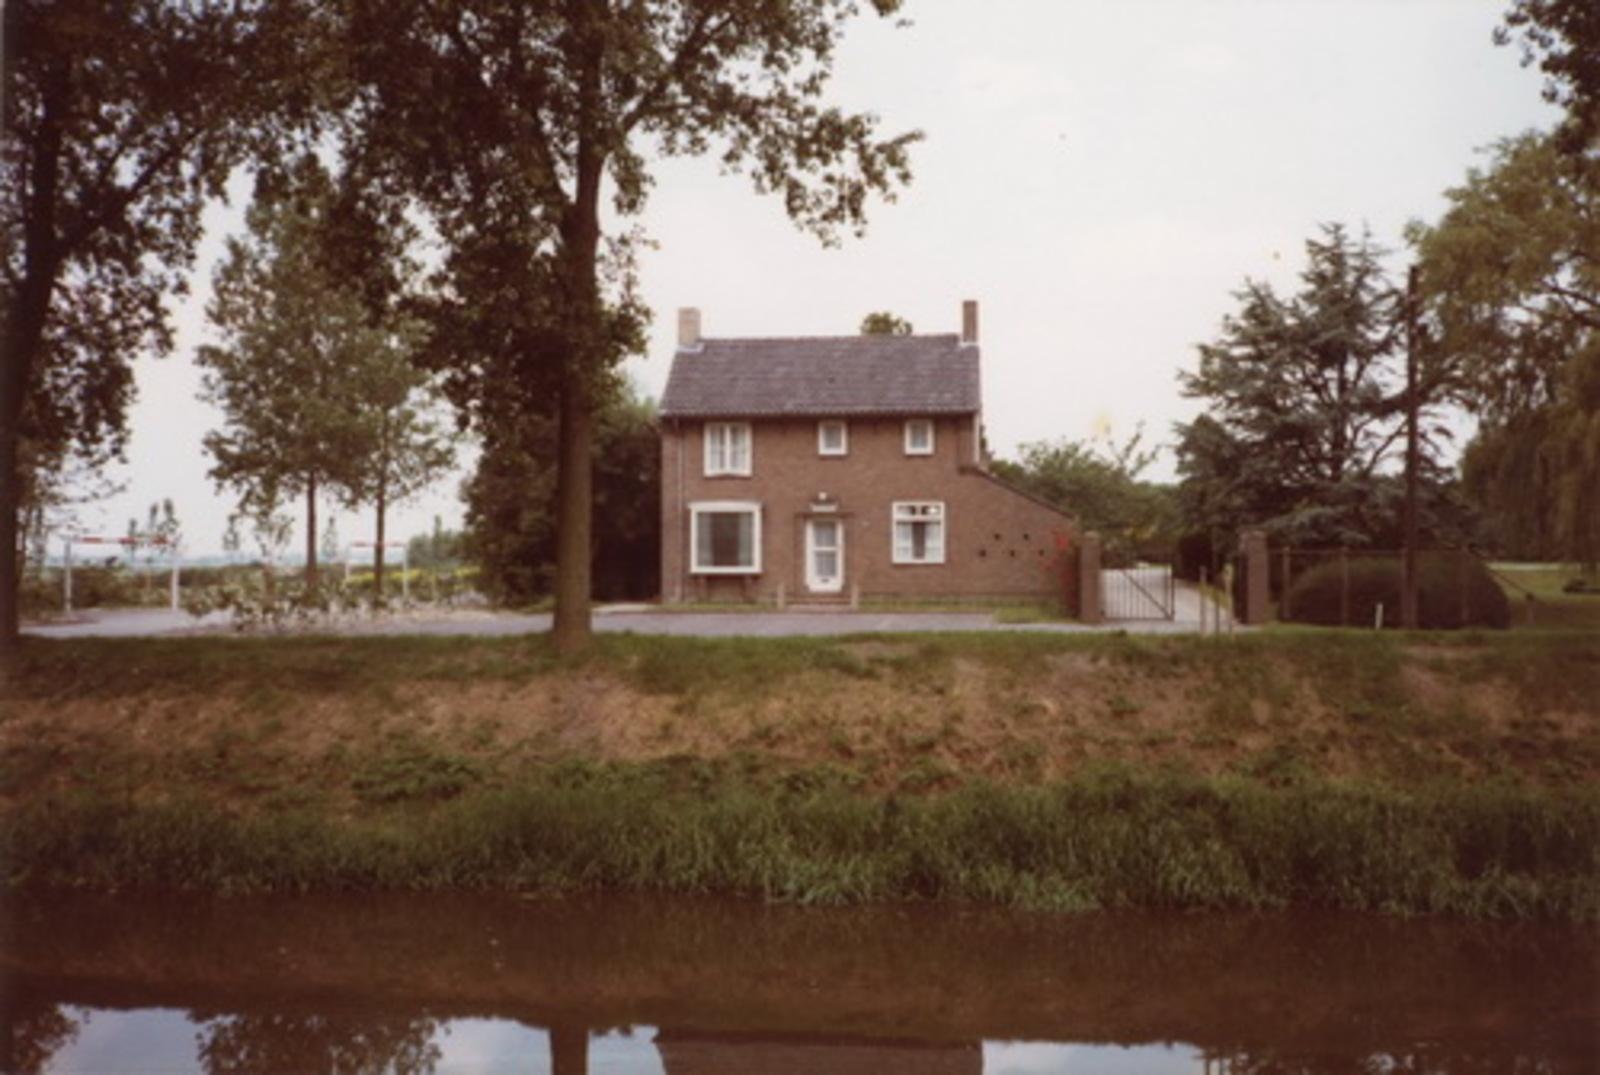 Hoofdweg W 0395 1983 Huis met Baarruimte 01